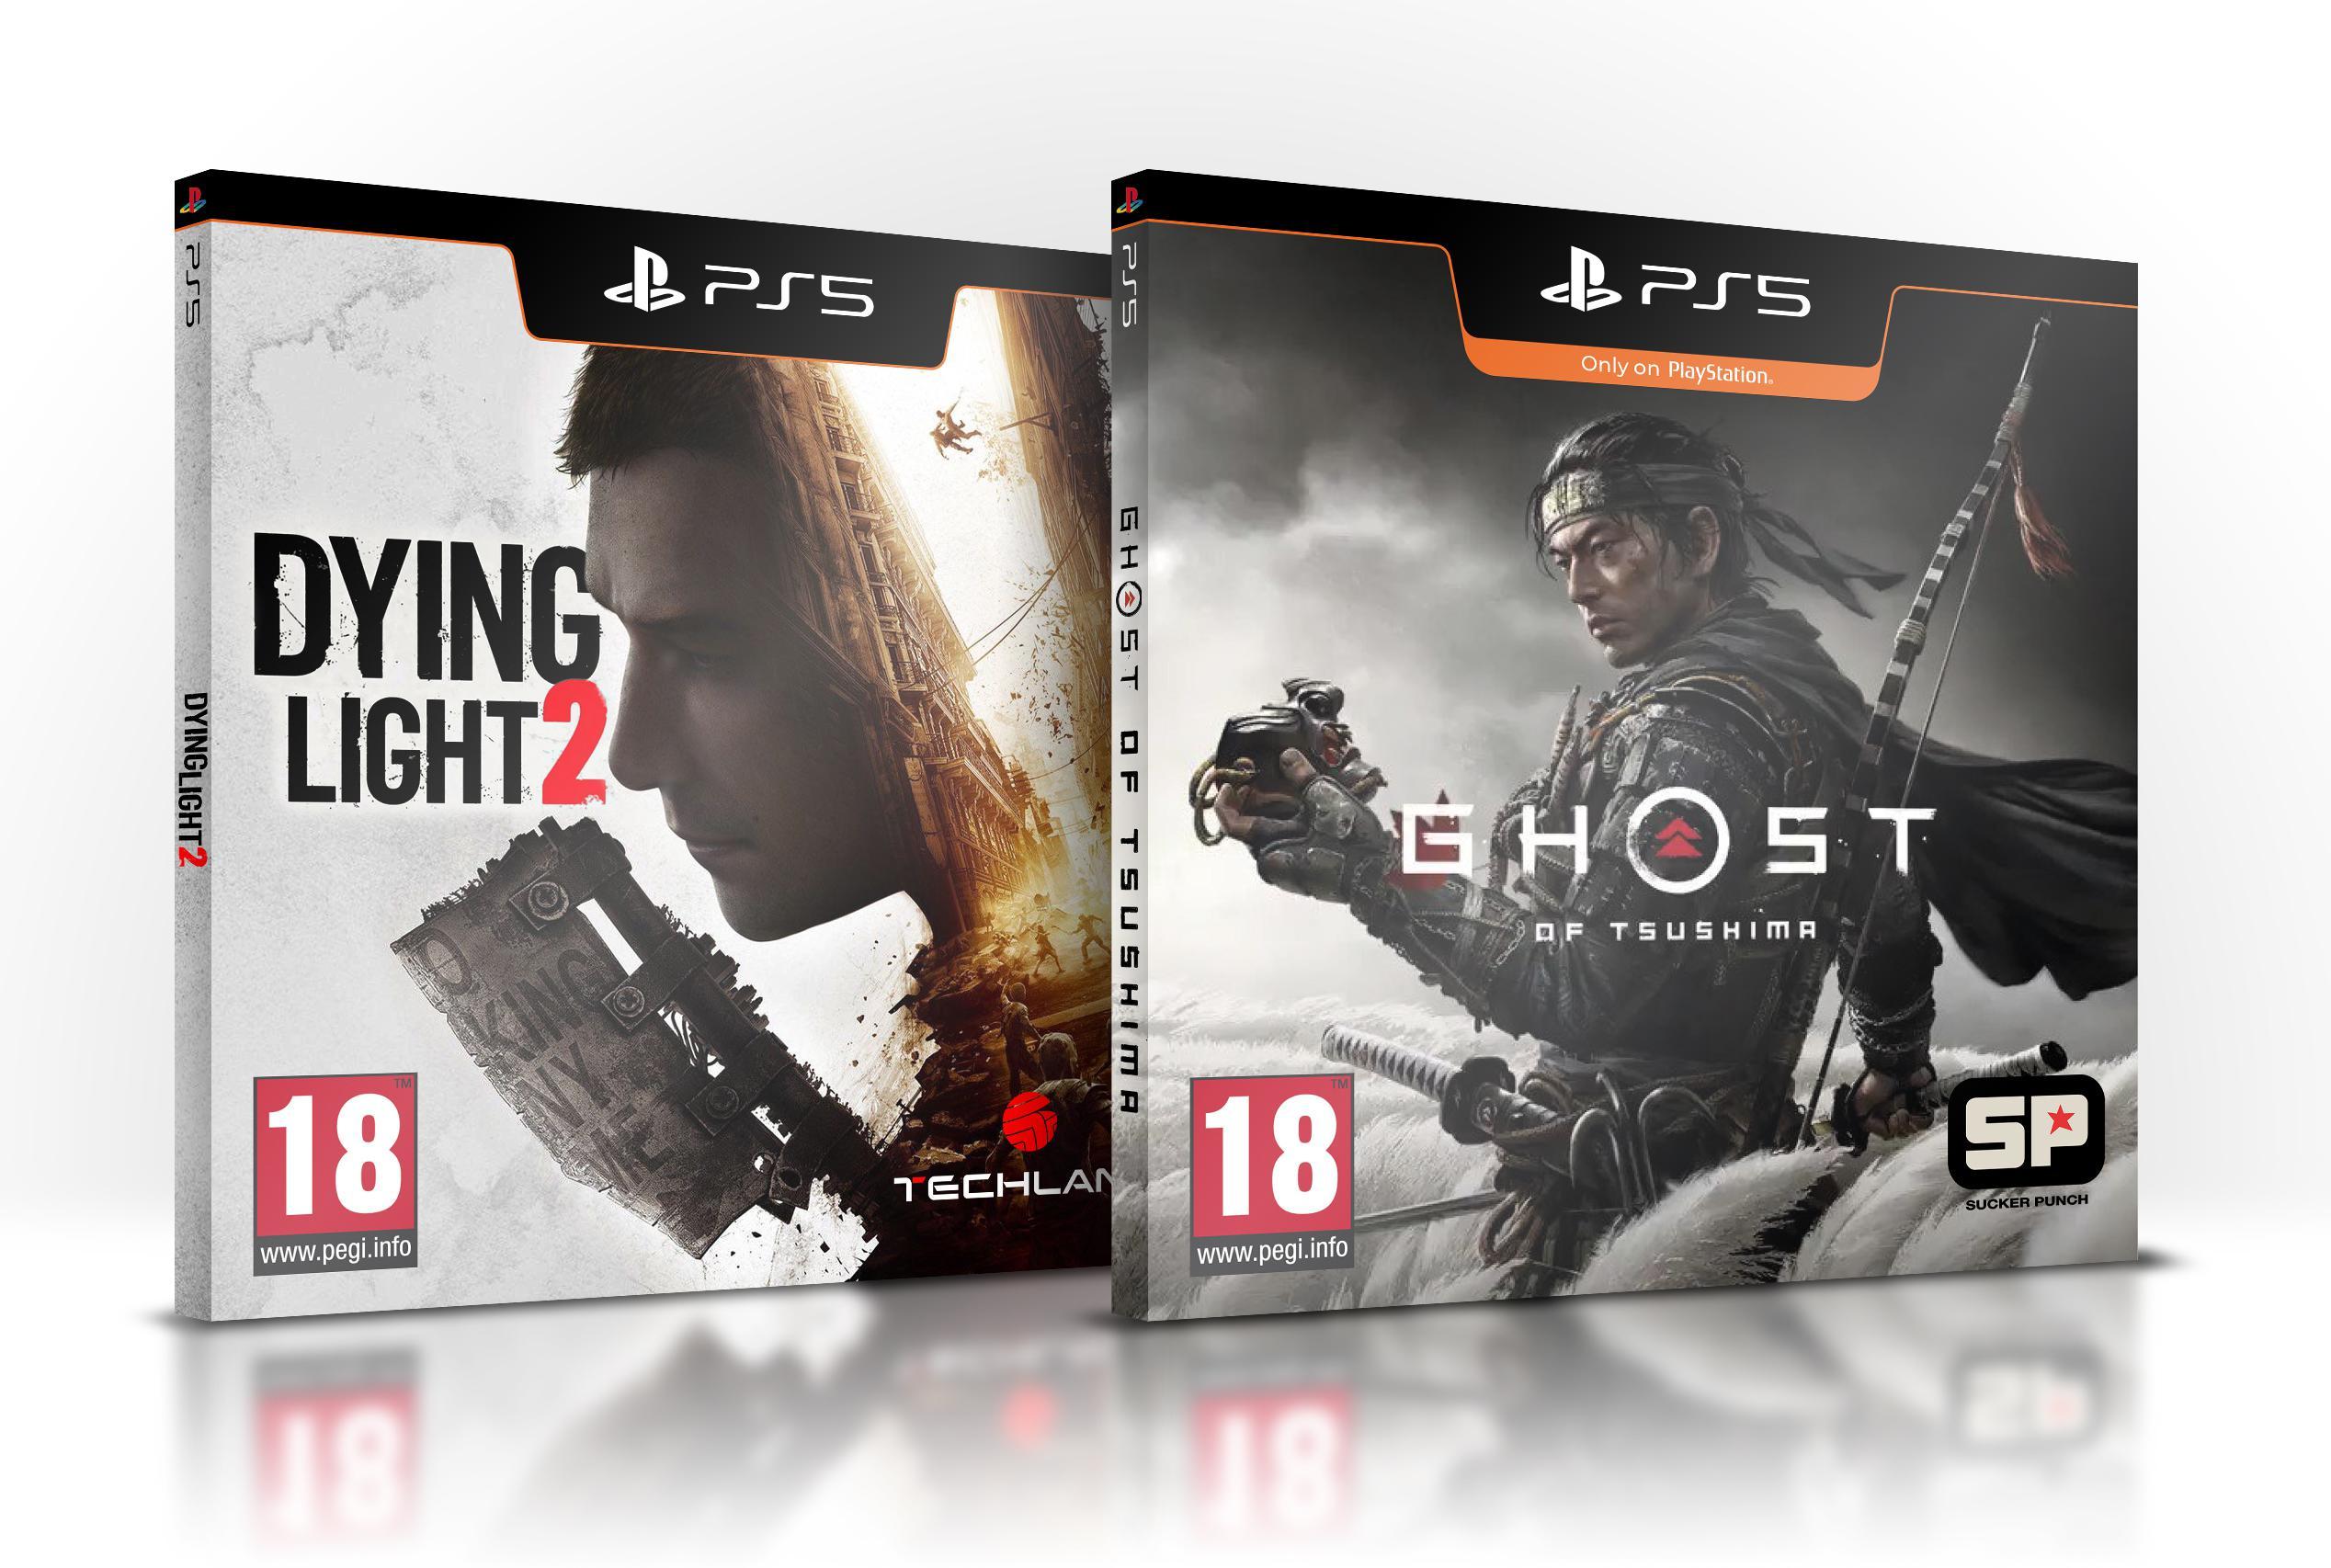 粉丝自制PS5游戏包装盒 你们更喜欢哪一个?